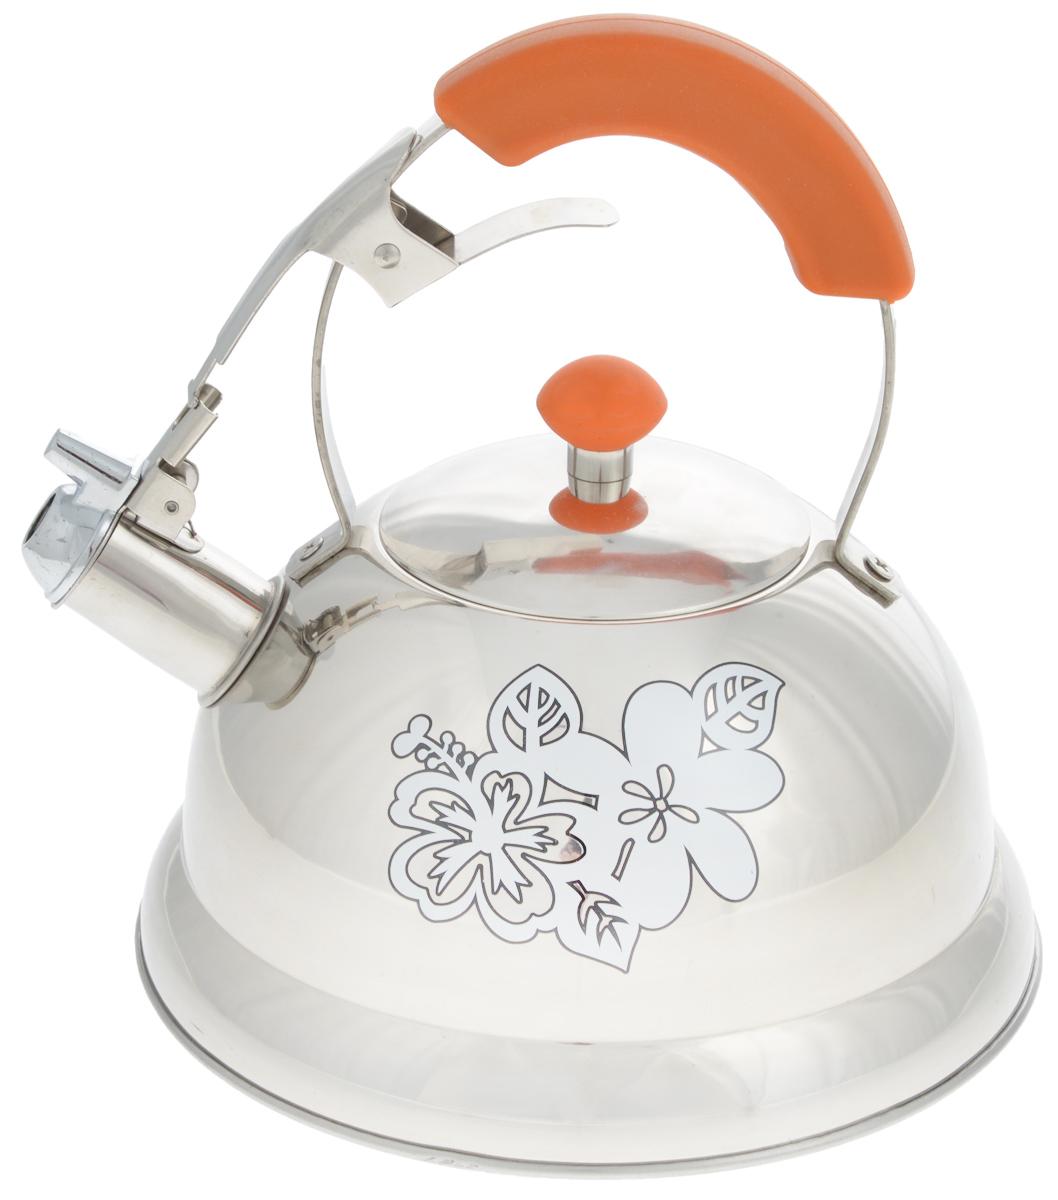 Чайник Mayer & Boch, со свистком, 2,6 л115510Чайник Mayer & Boch выполнен из высококачественной нержавеющей стали. Носик чайника оснащен насадкой-свистком, что позволит вам контролировать процесс подогрева или кипячения воды. Металлическая ручка с бакелитовой вставкой делает использование чайника очень удобным и безопасным.Внешние стенки чайника декорированы изображением цветов. Эстетичный и функциональный чайник будет оригинально смотреться в любом интерьере.Подходит для газовых, электрических, стеклокерамических и индукционных плит. Можно мыть в посудомоечной машине. Диаметр чайника (по верхнему краю): 10 см.Диаметр основания: 22 см. Высота чайника (без учета ручки): 11,5 см.Высота чайника (с учетом ручки): 24,5 см.